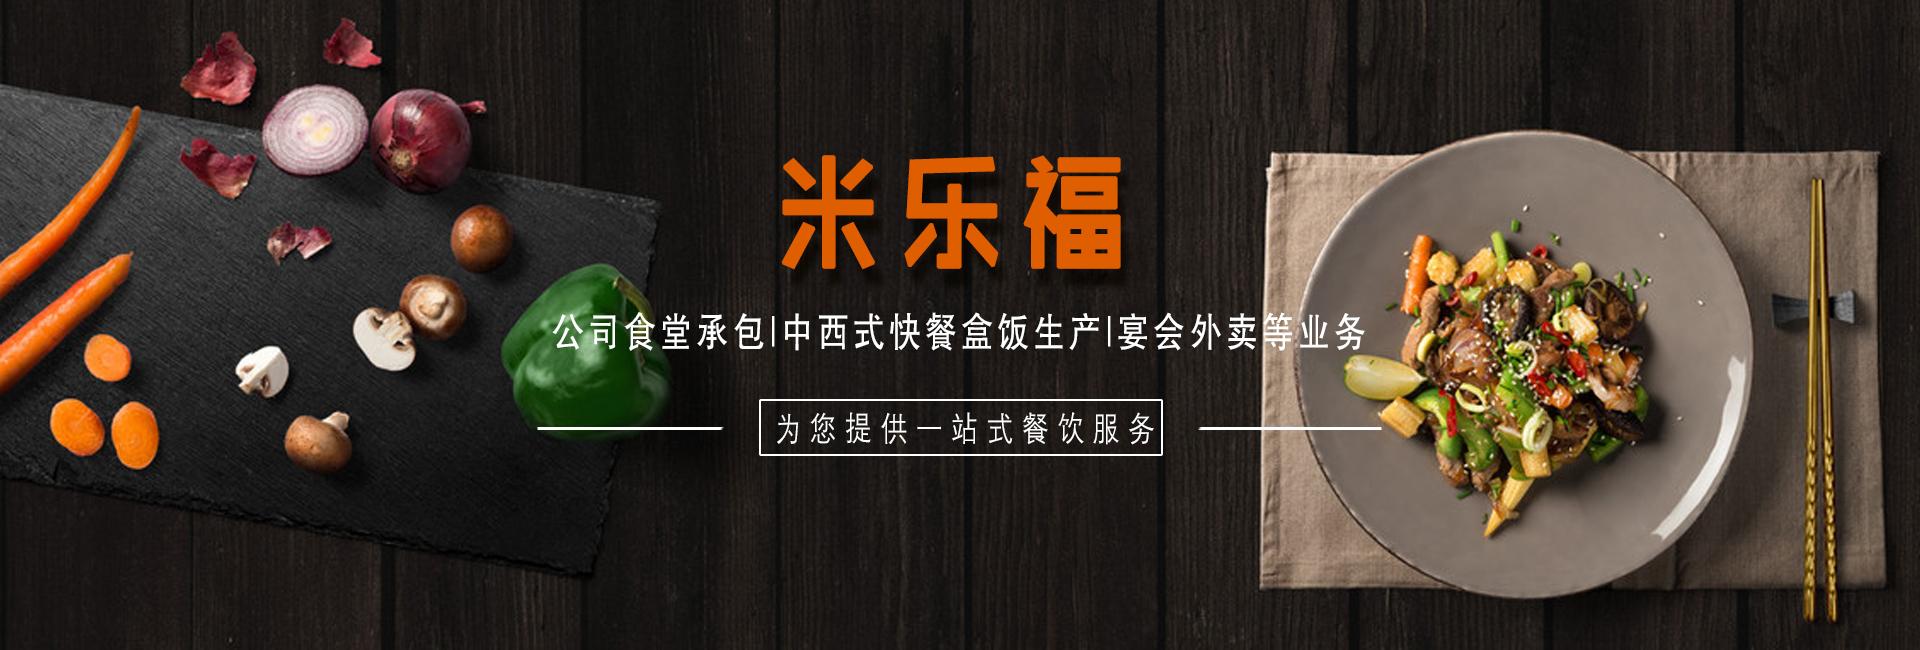 郑州食堂承包商